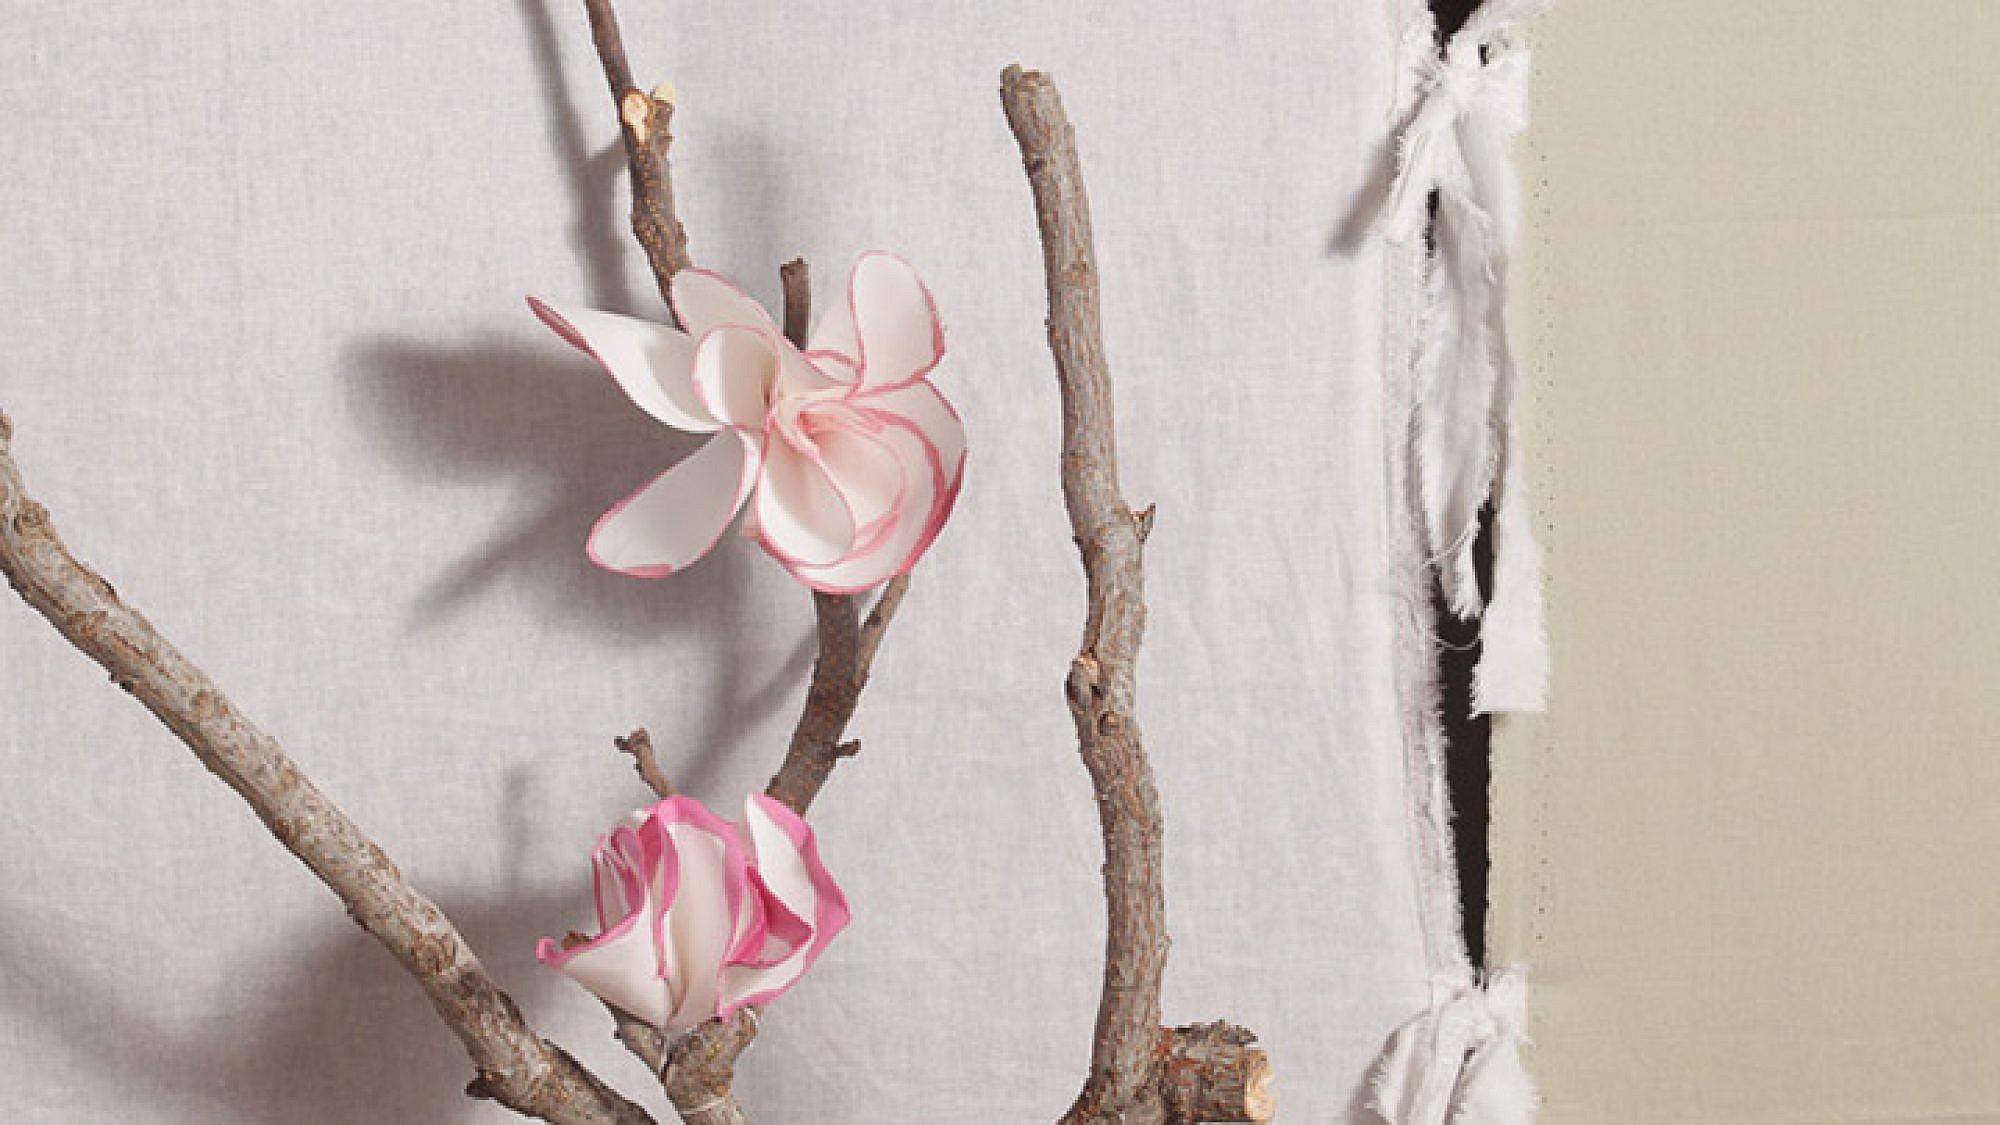 התוצר הסופי: קישוטי פרחים רכים | הכנה: לינוי לנדאו | צילום: טל ניסים